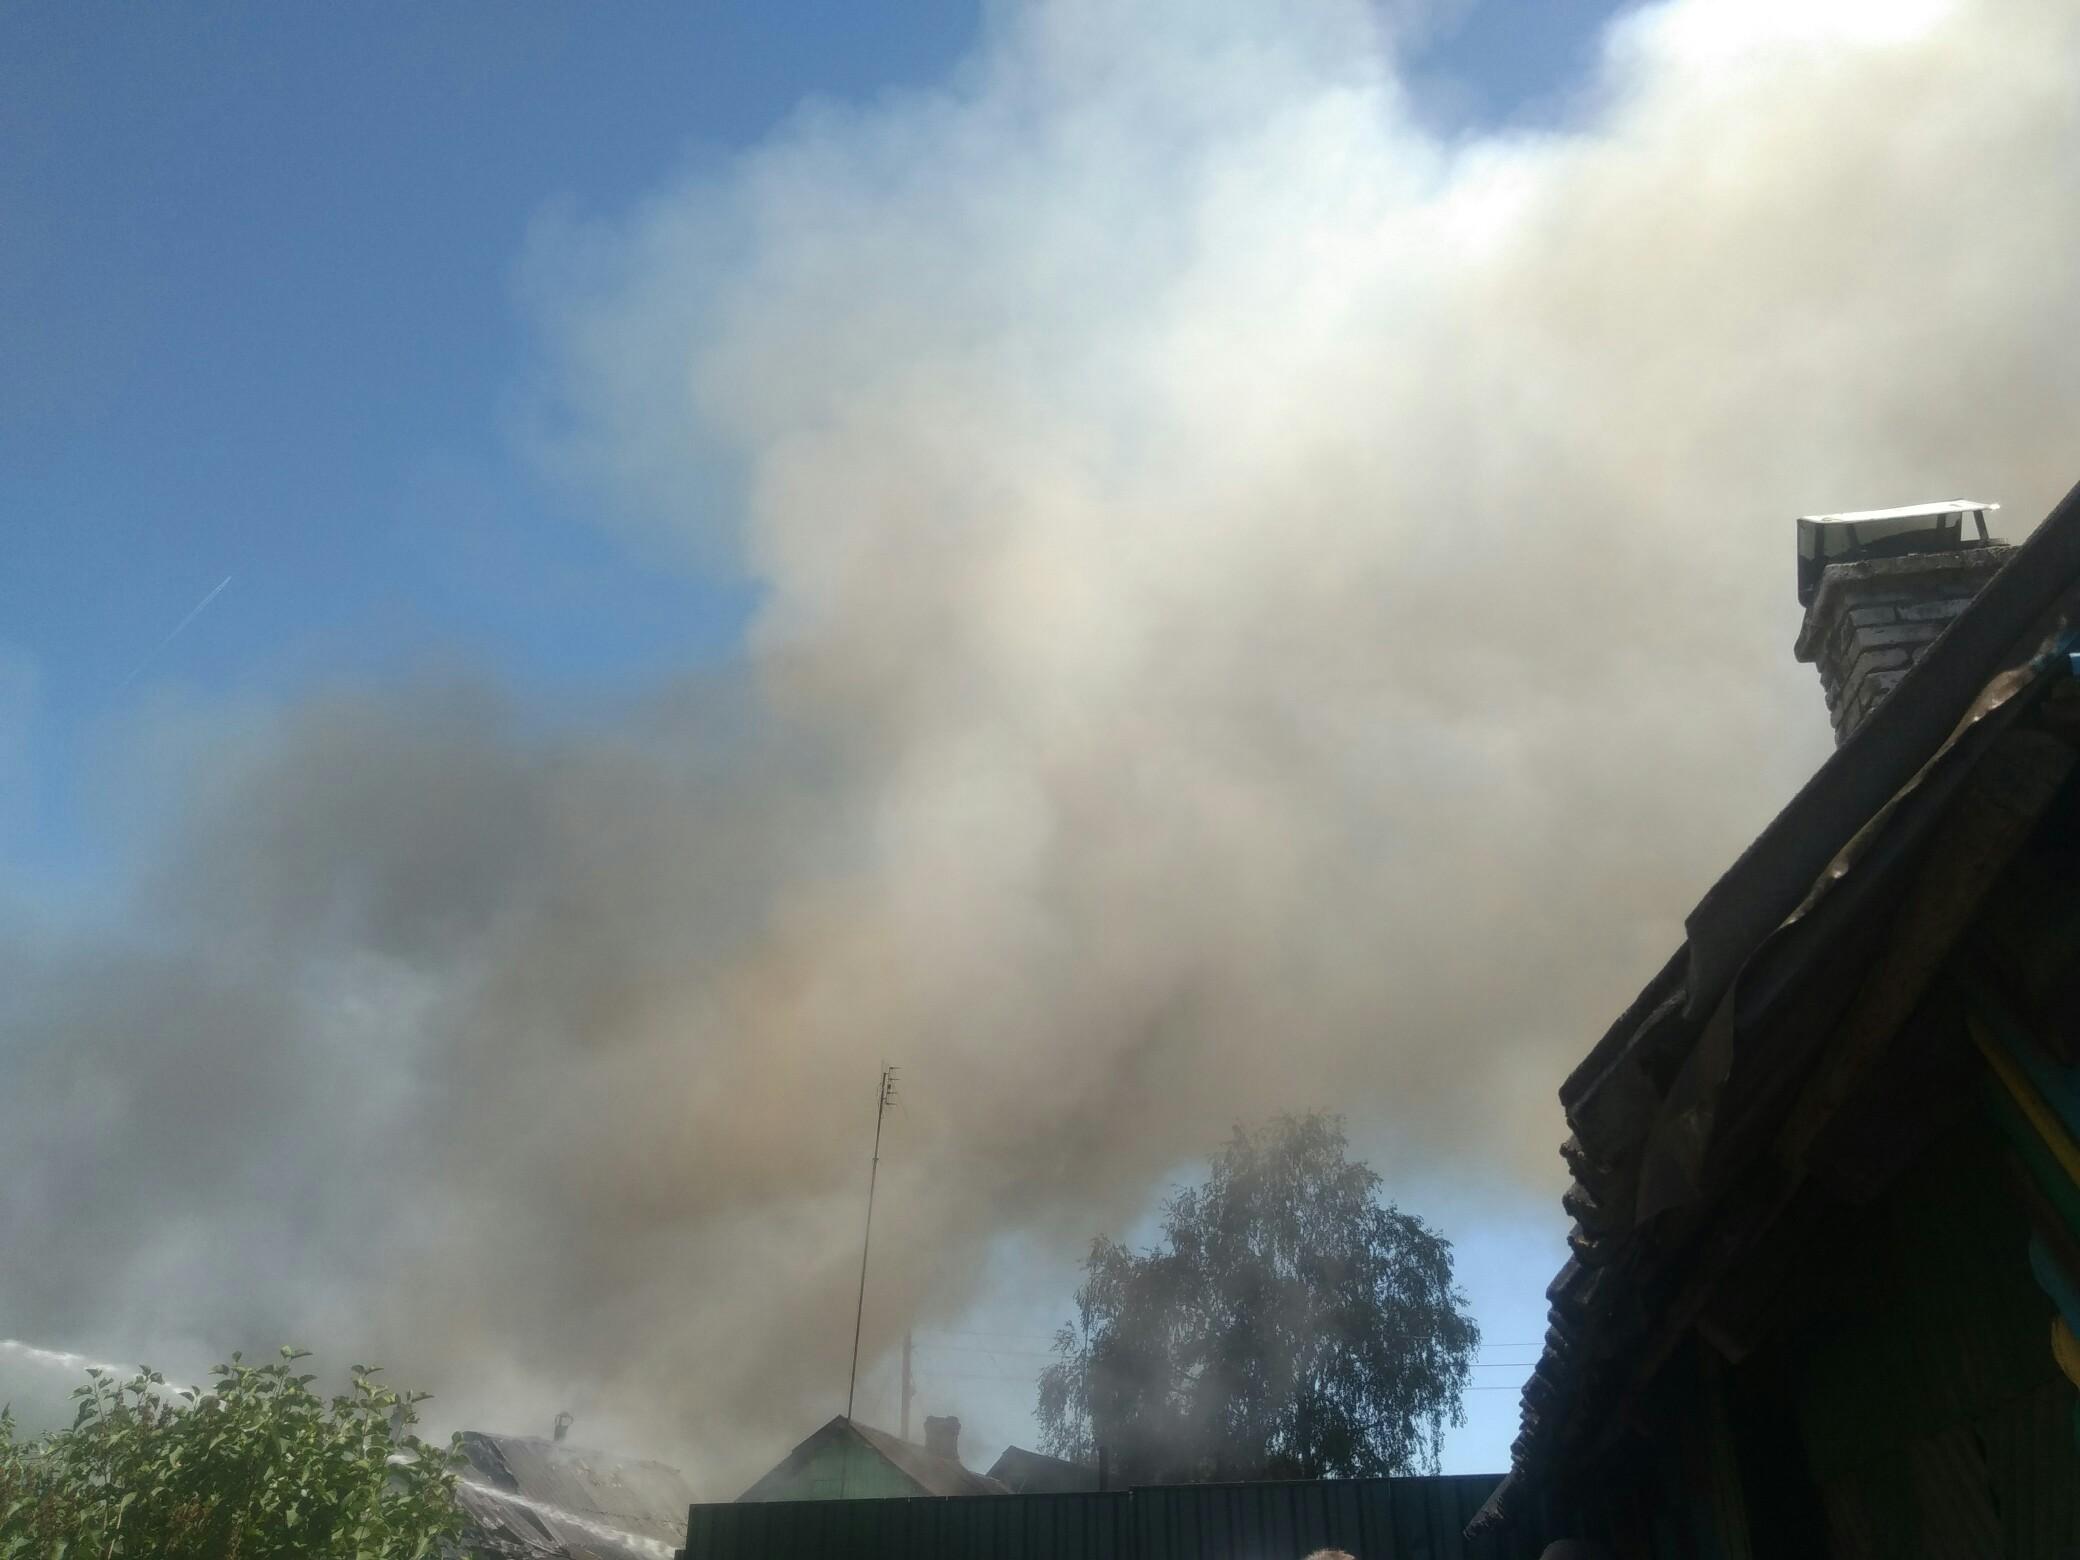 9 июня в Борисове произошло 2 пожара. Погиб человек